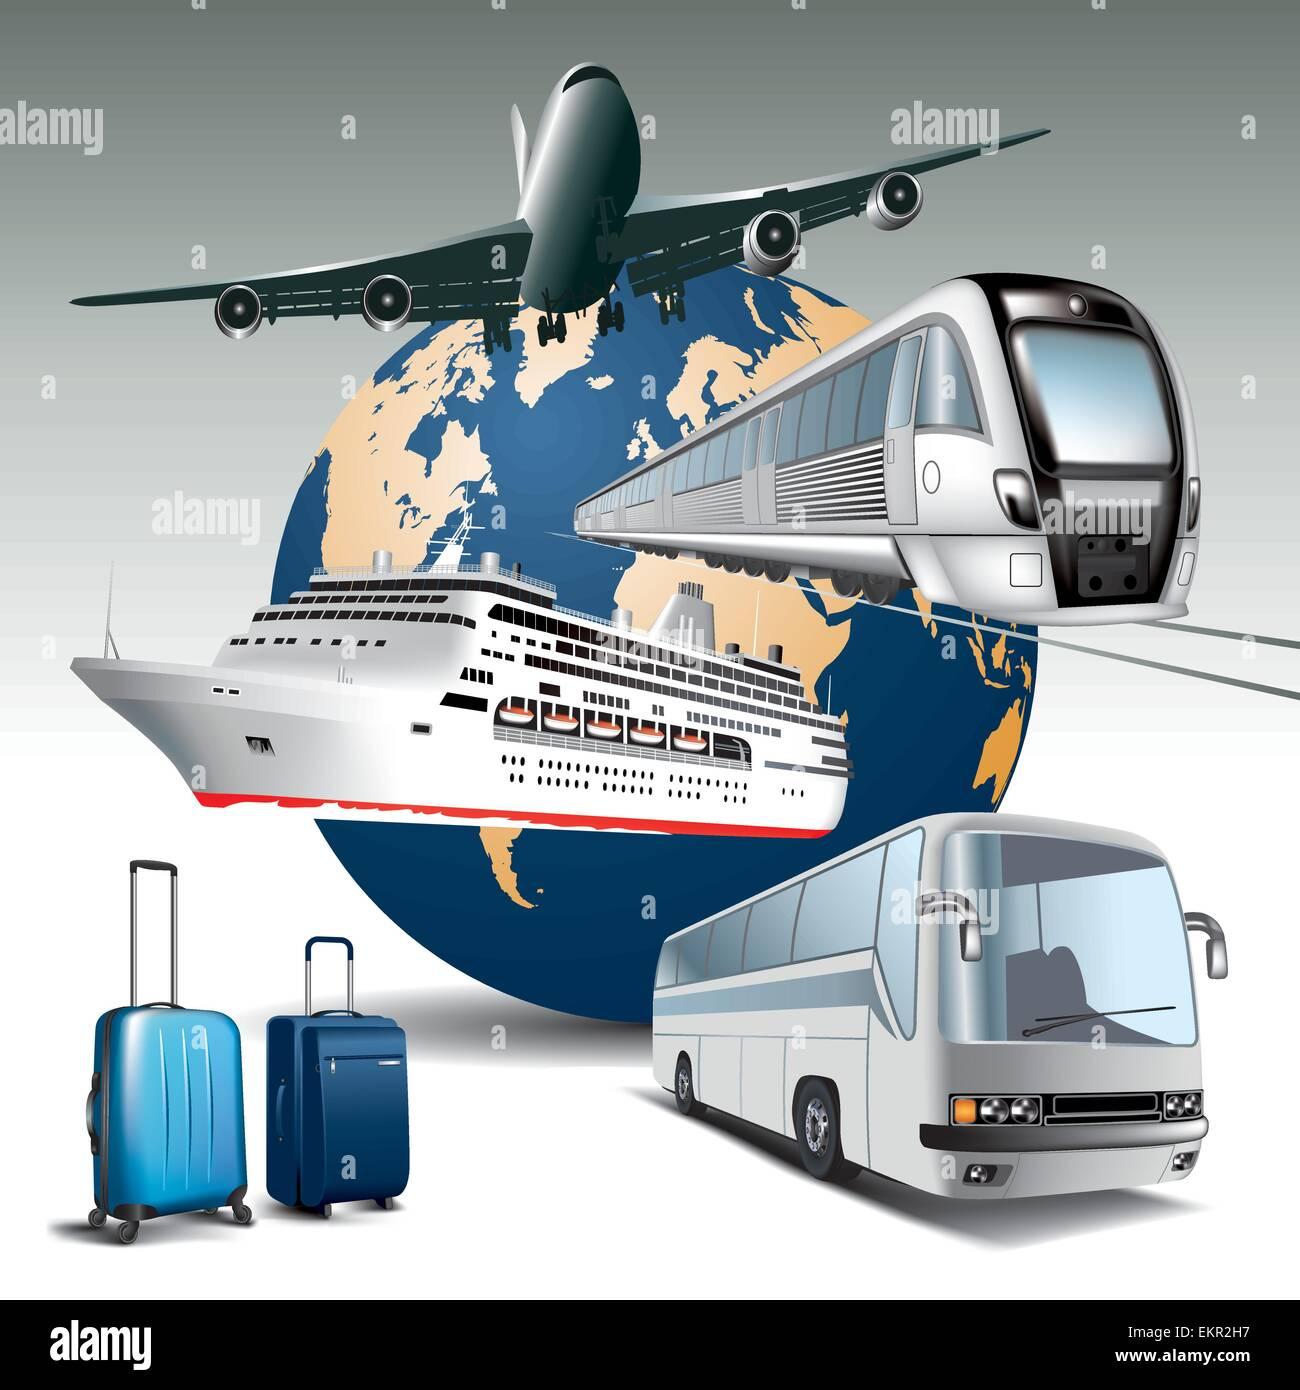 Il trasporto di passeggeri da parte di tutti i mezzi di trasporto. Illustrazione Vettoriale Immagini Stock